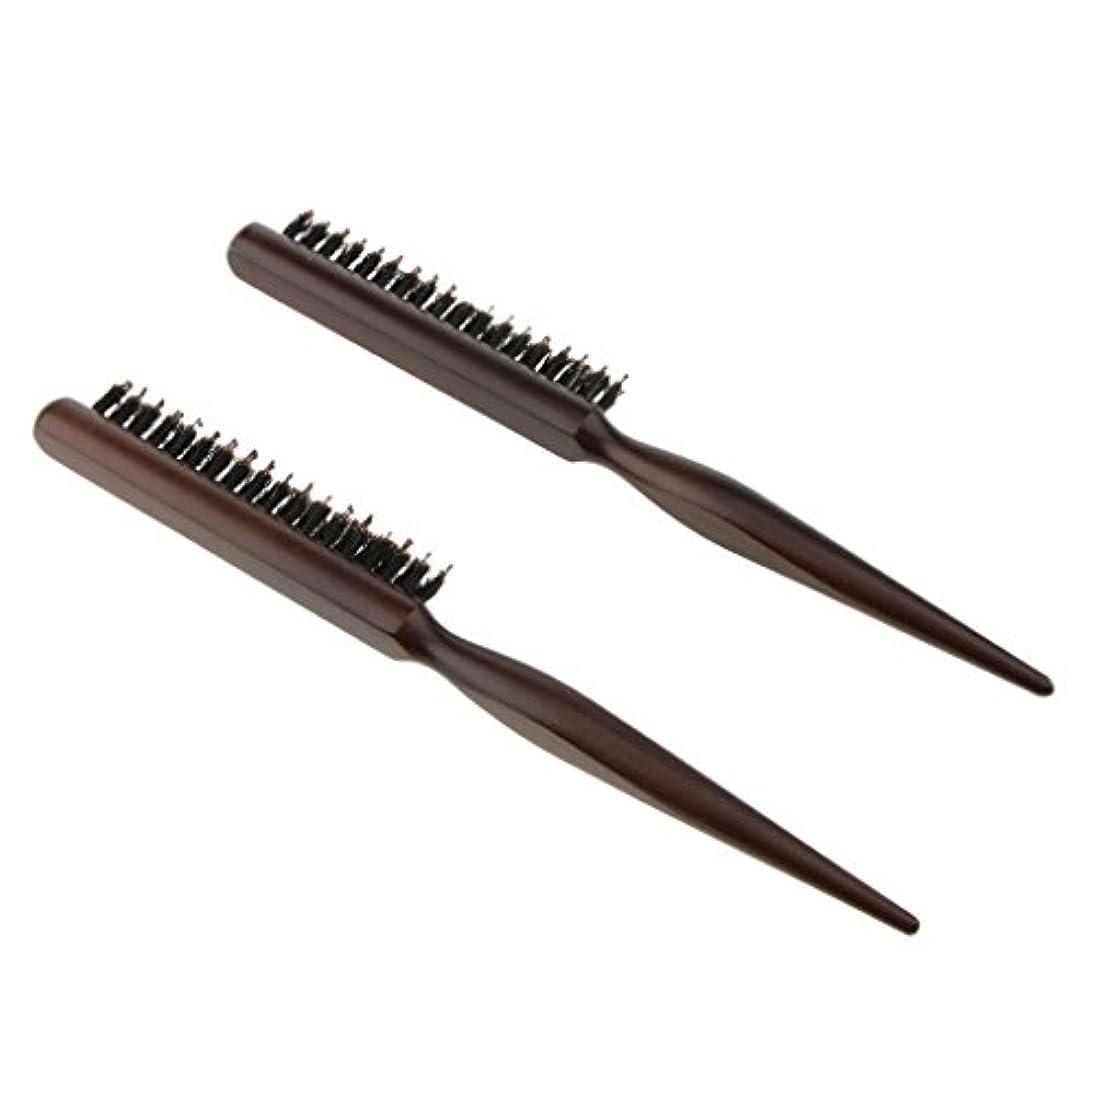 大佐時代遅れ有効なInjoyo ヘアセクショニング、エッジコントロール、バックコーミング用の木製ラットテールピック付きヘアブラシコームをからかう2つのパック天然毛